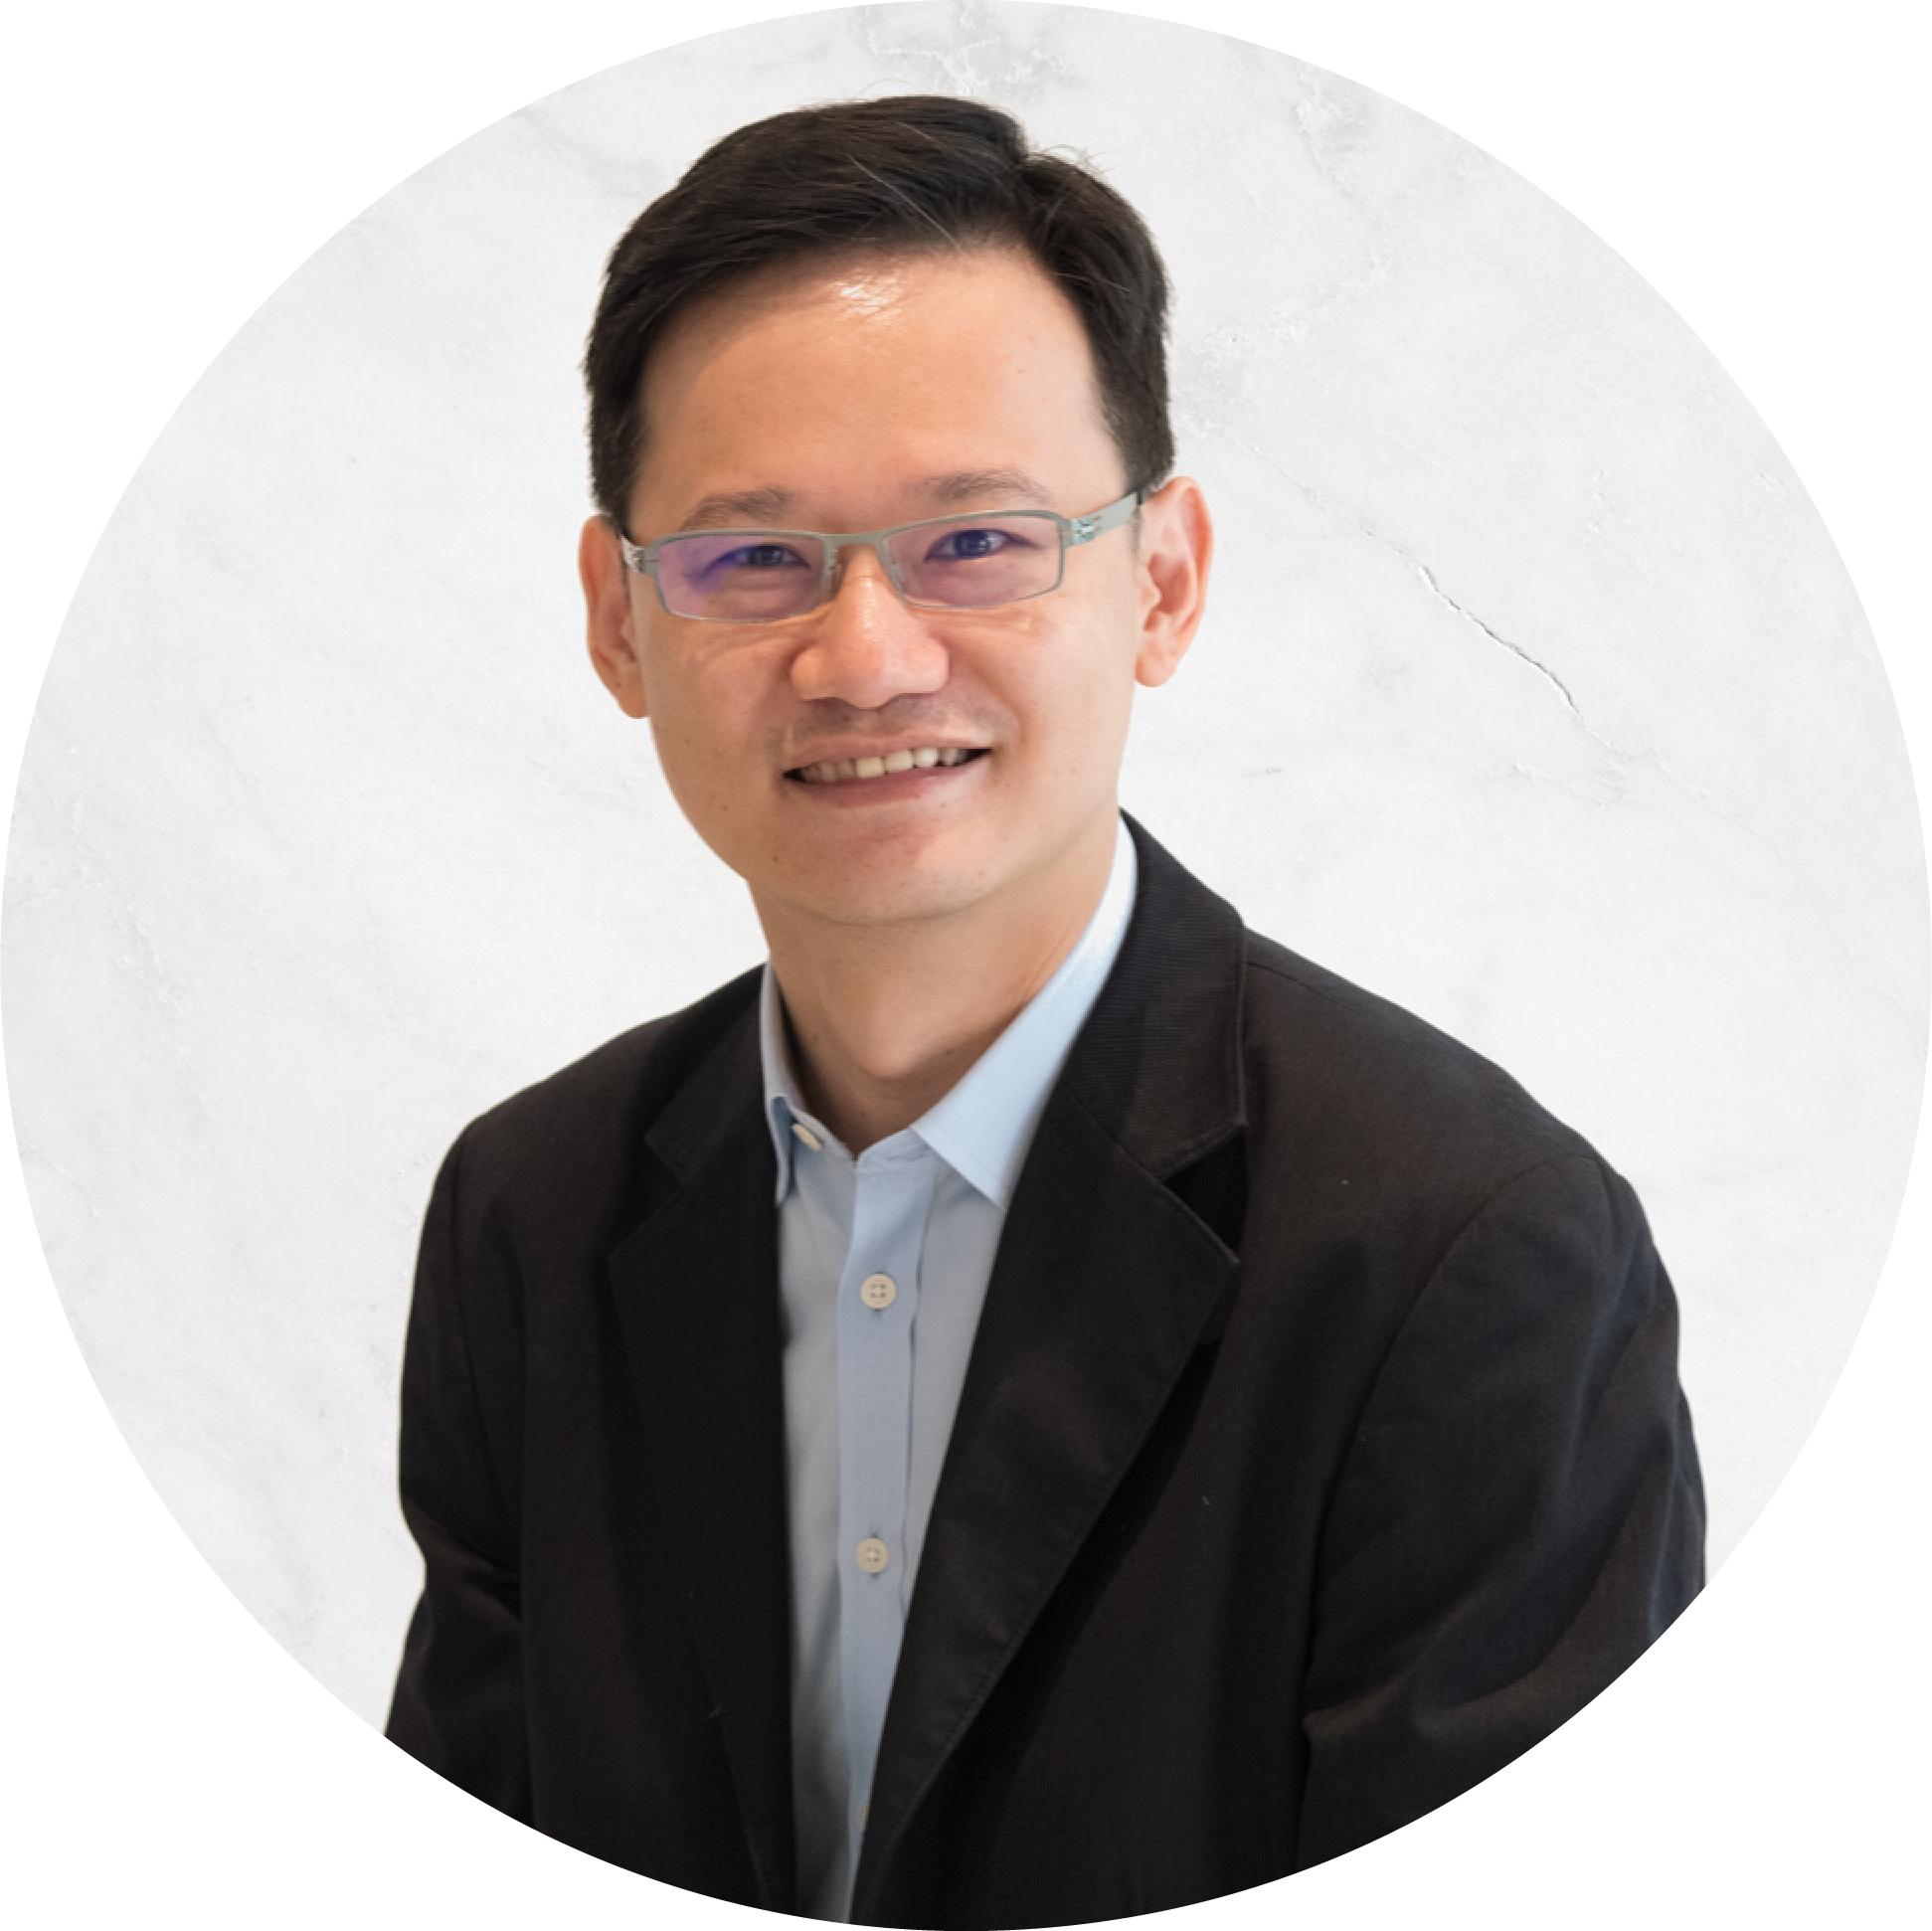 Rac_Elder_Lim_Tuang_Lee.jpg